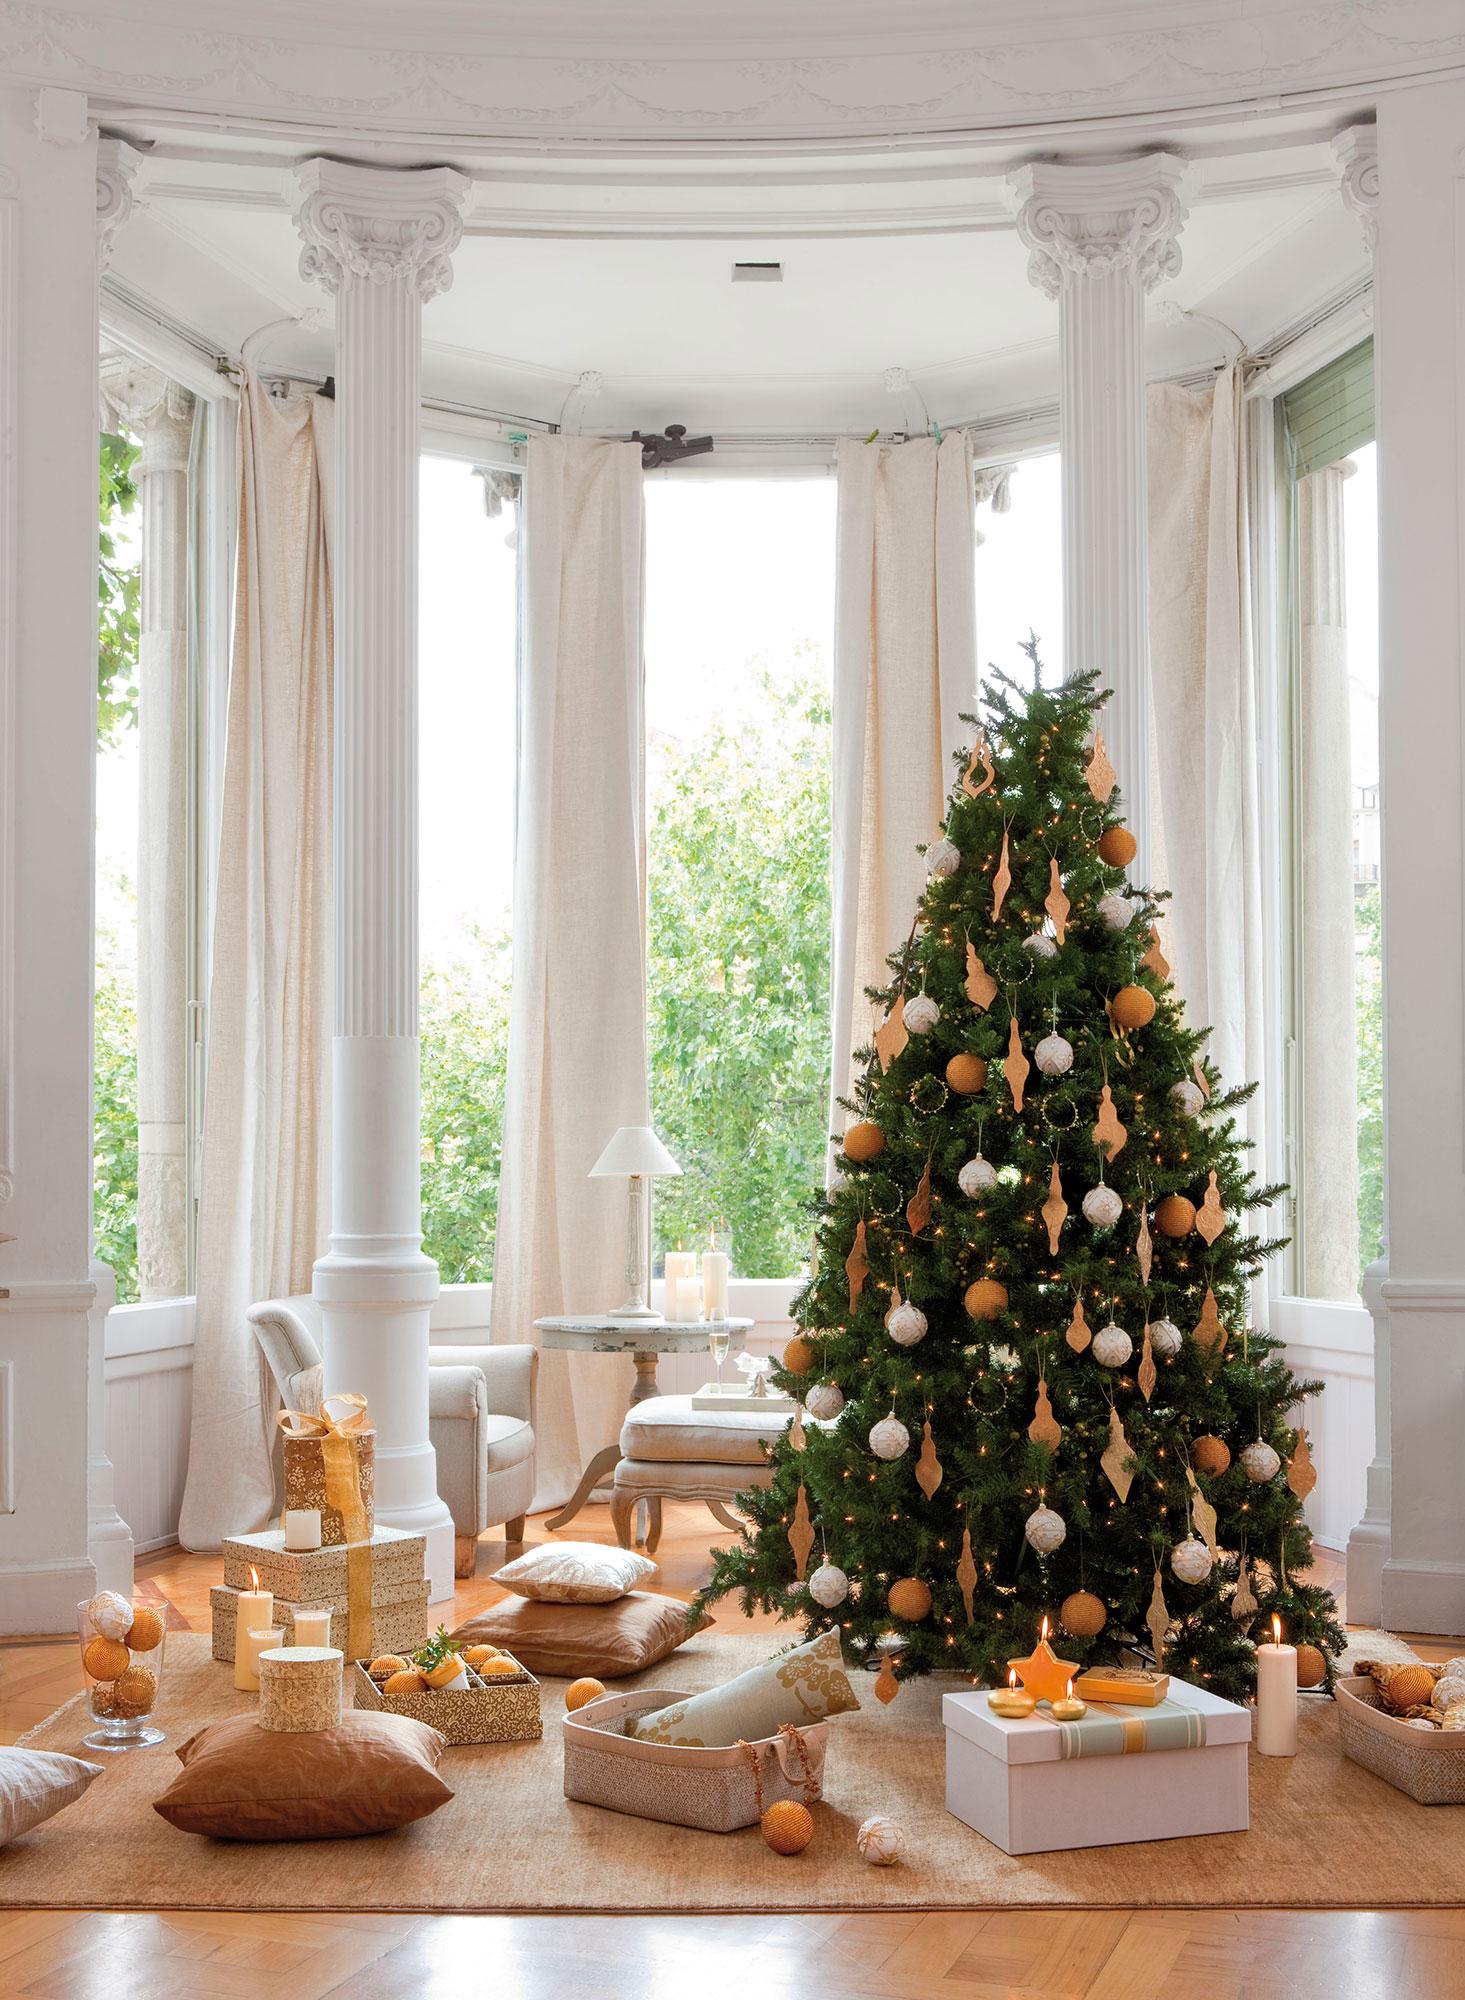 Decorar el rbol de navidad 15 propuestas de todos los - Manualidades para decorar el arbol de navidad ...